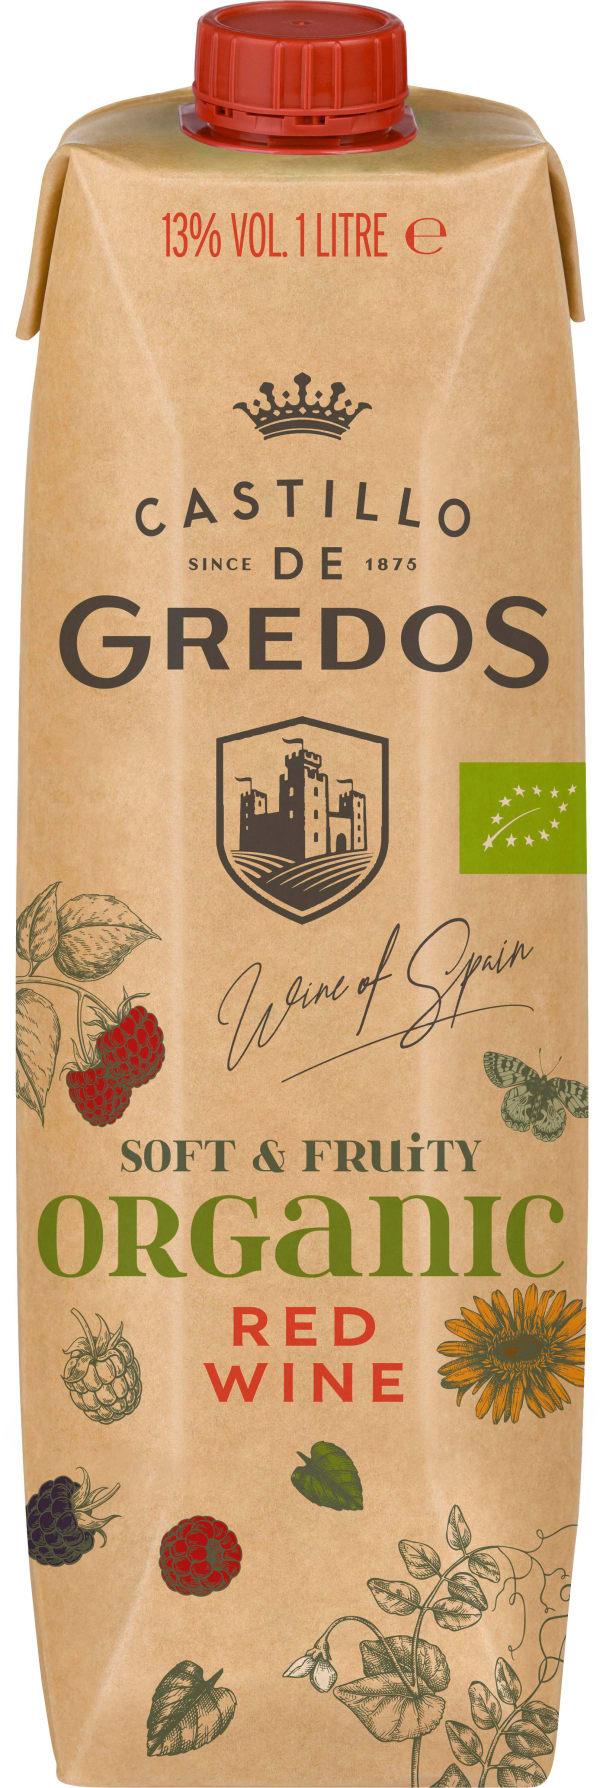 Castillo de Gredos Tinto carton package